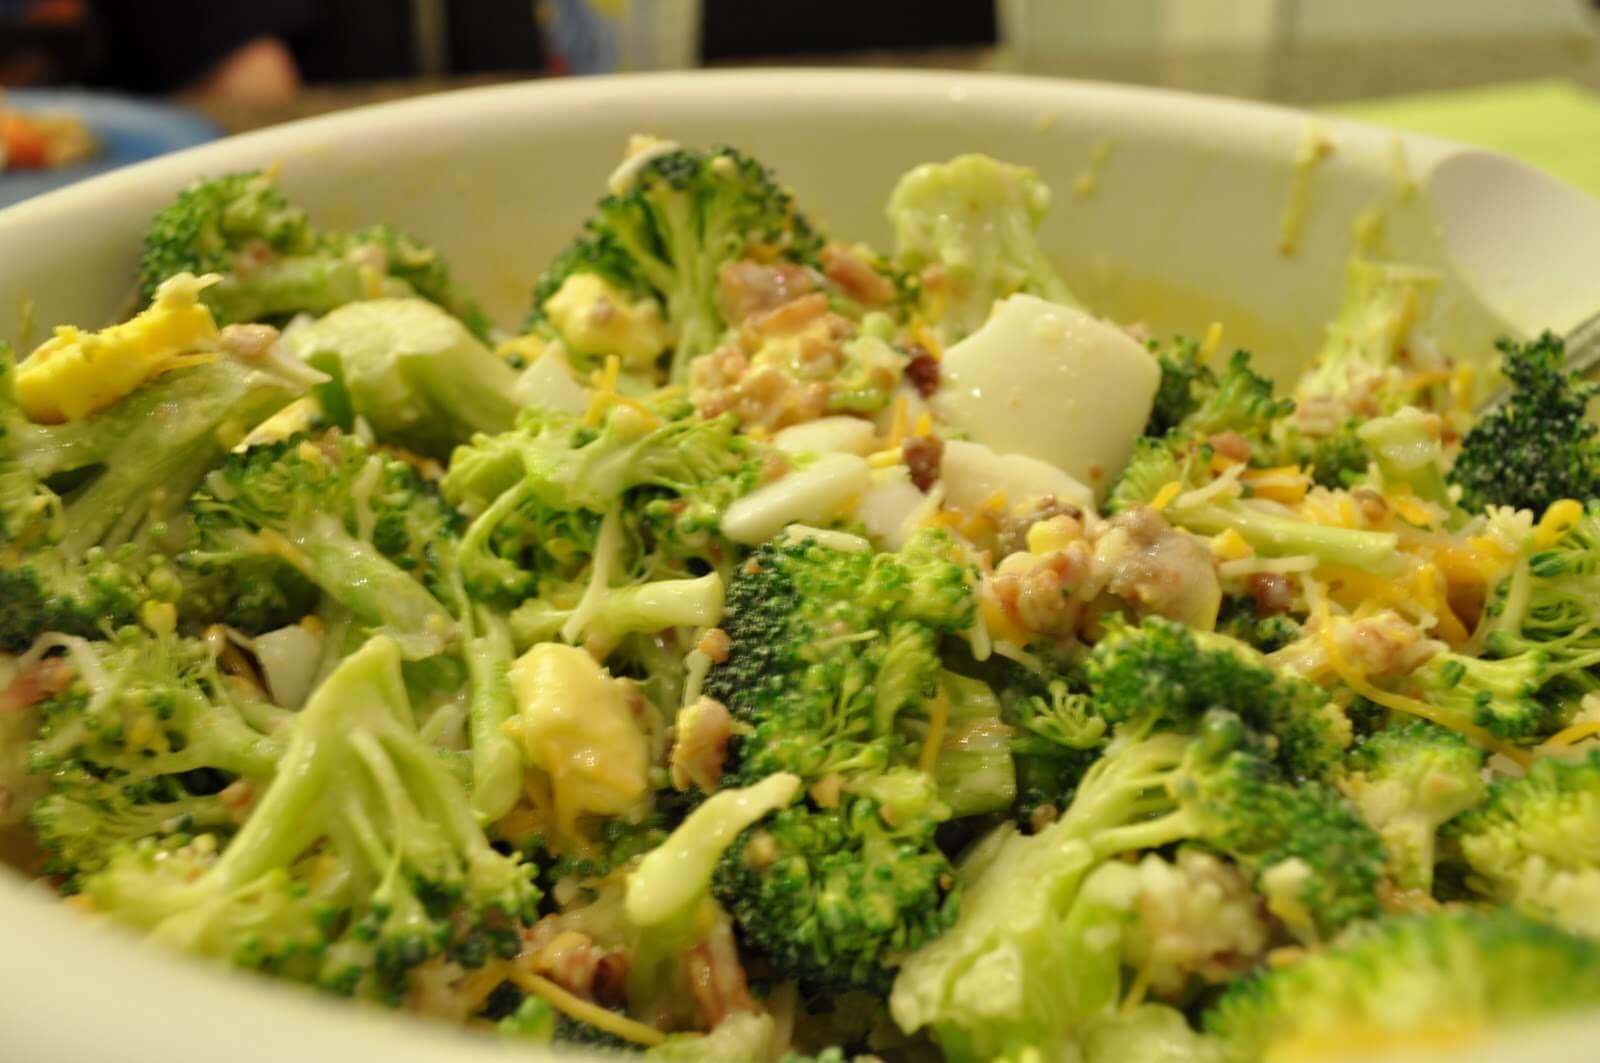 Egg-Broccoli Salad